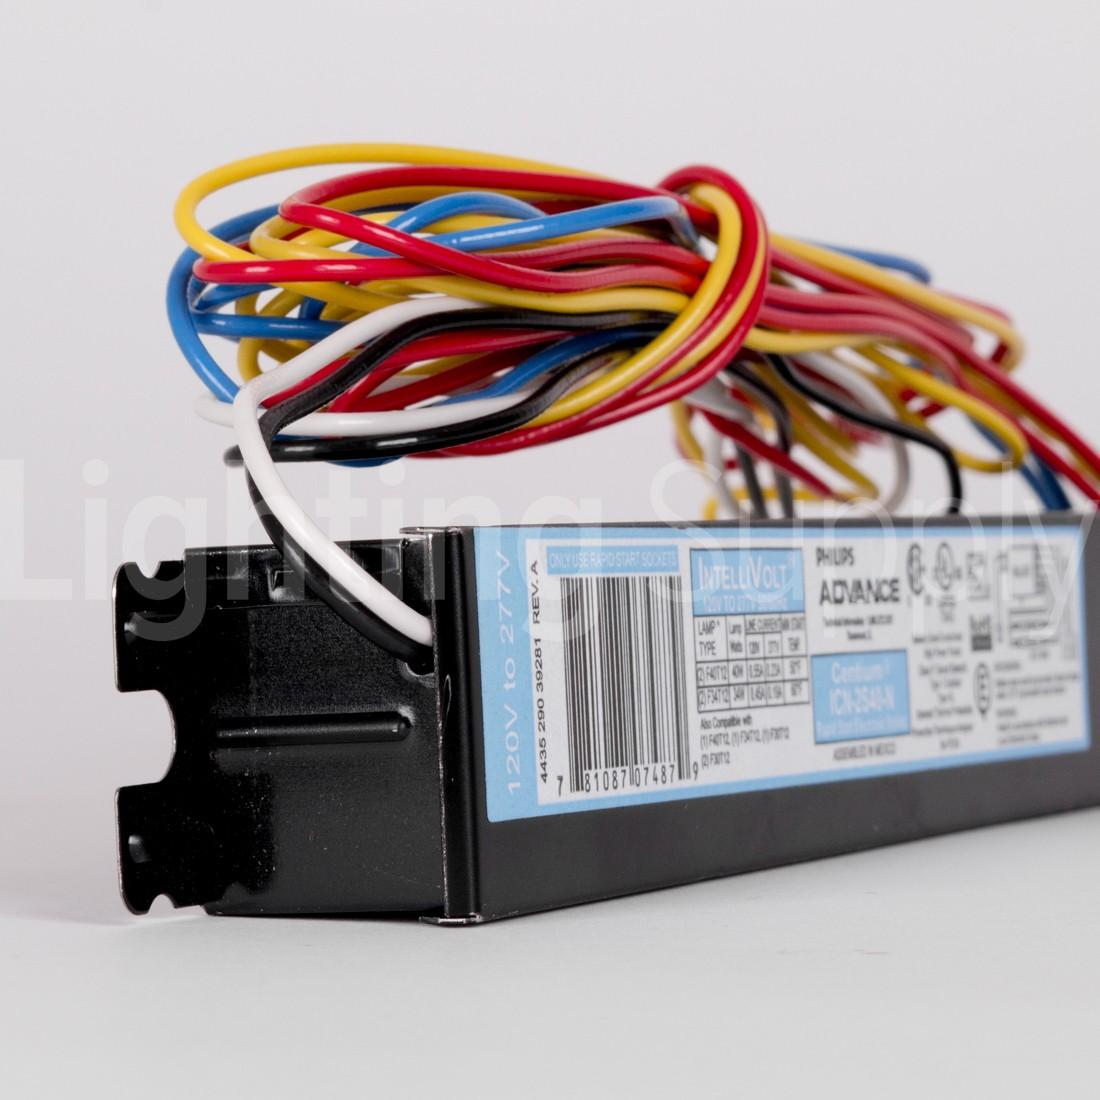 Advance Icn2s40n Rapid Start Fluorescent 120v 277v Electroni